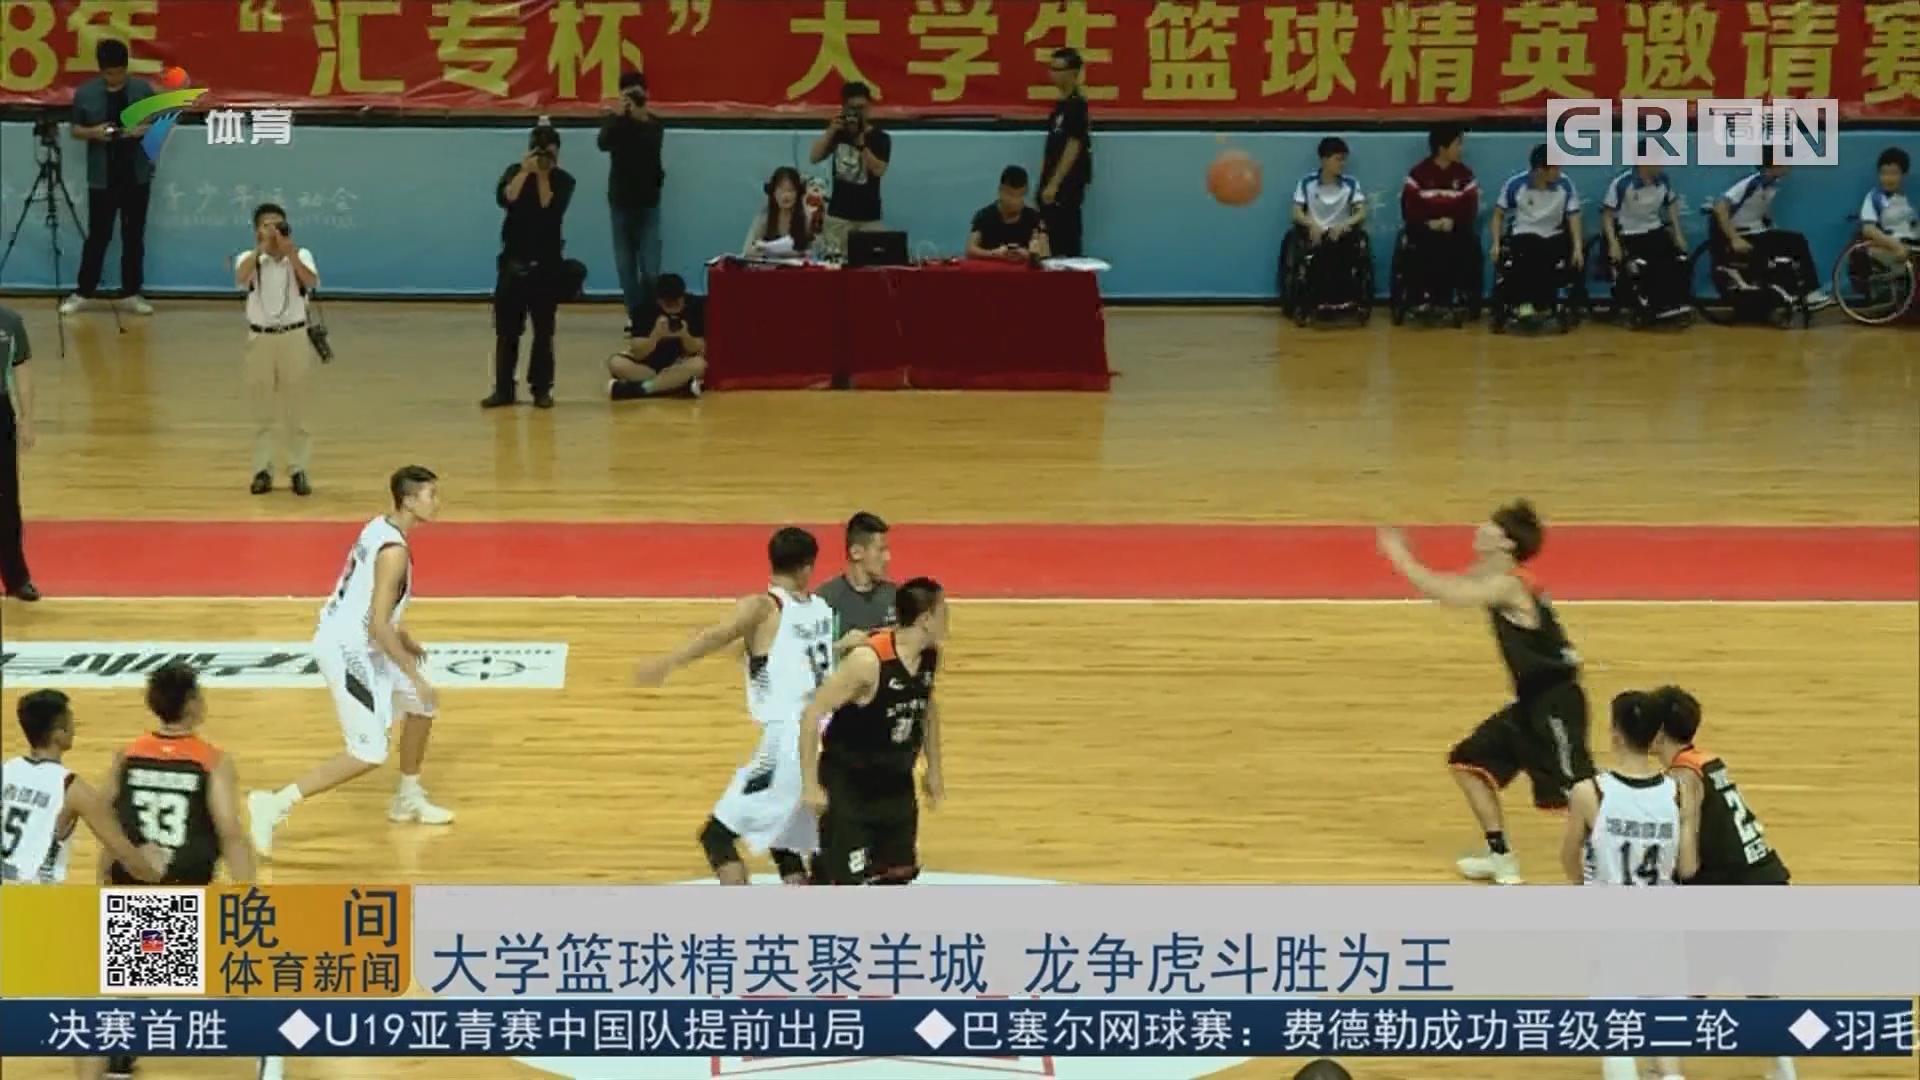 大学篮球精英聚羊城 龙争虎斗胜为王